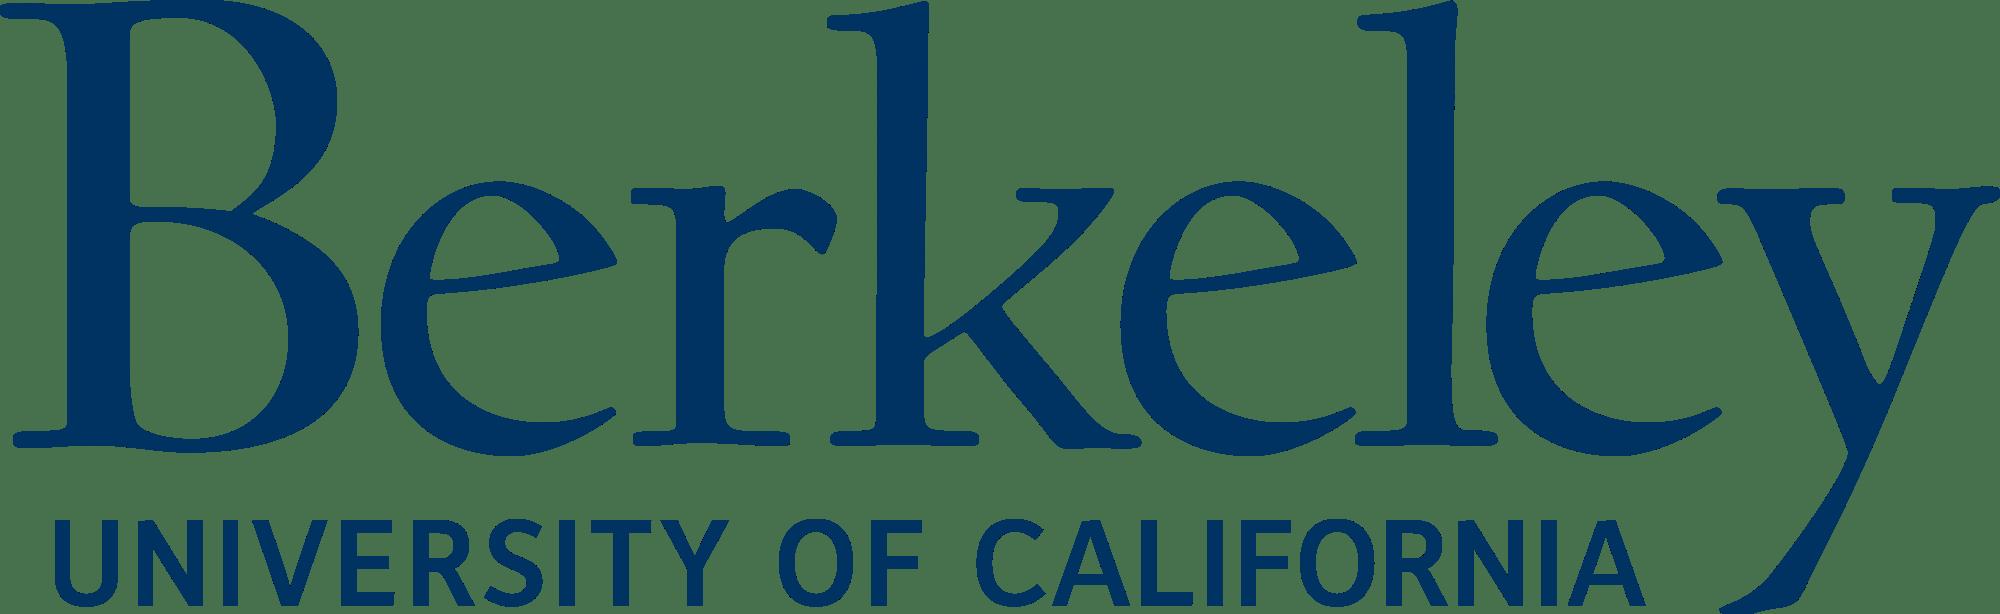 UC Berkeley Logo transparent PNG.